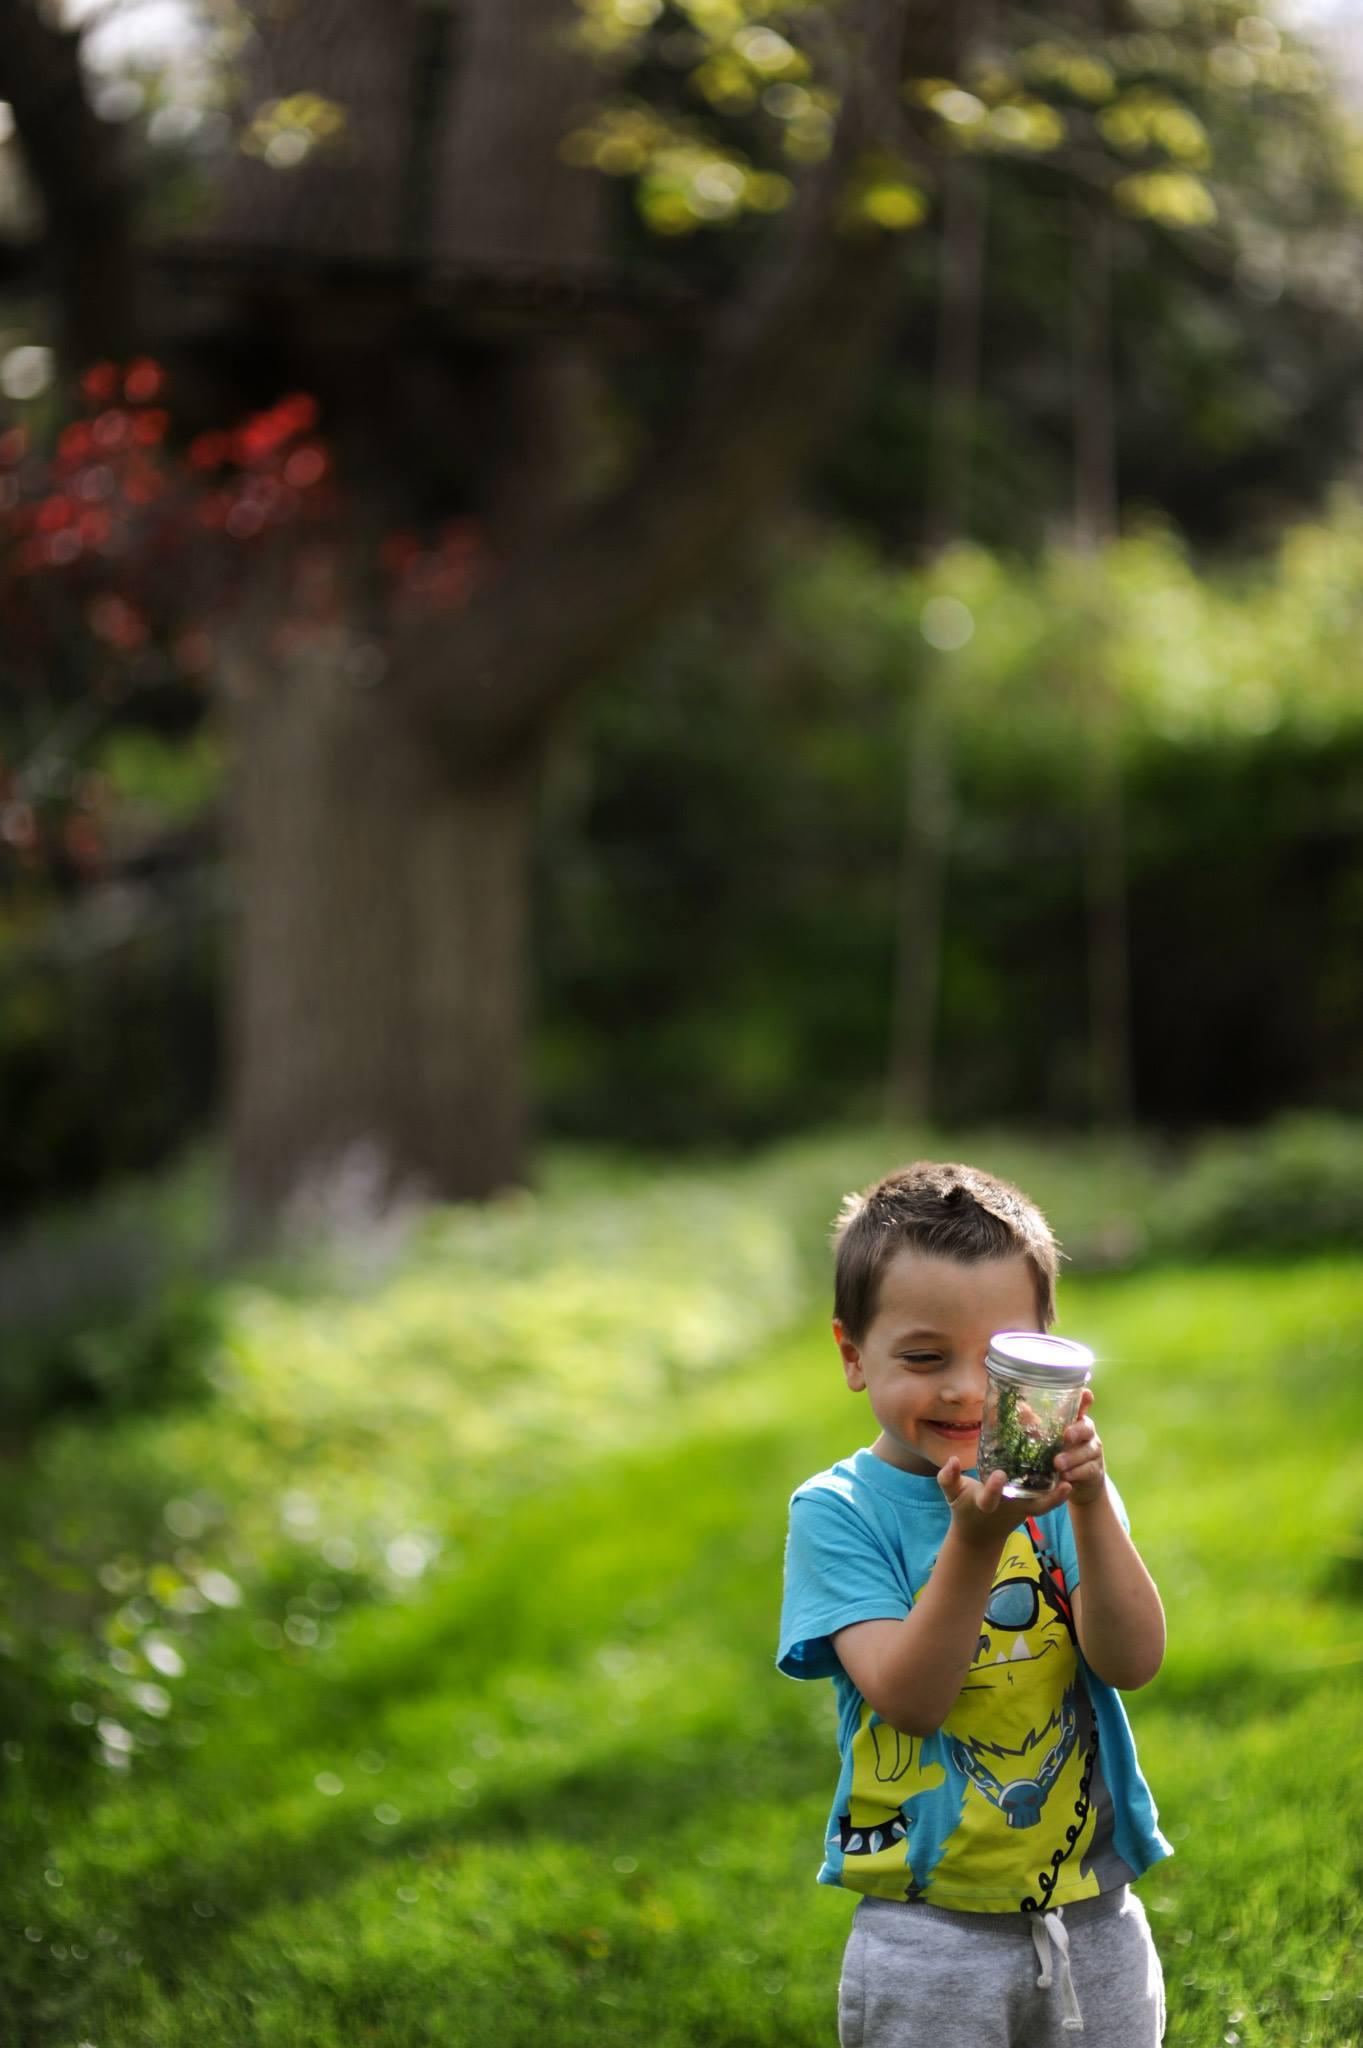 kid bug hunting